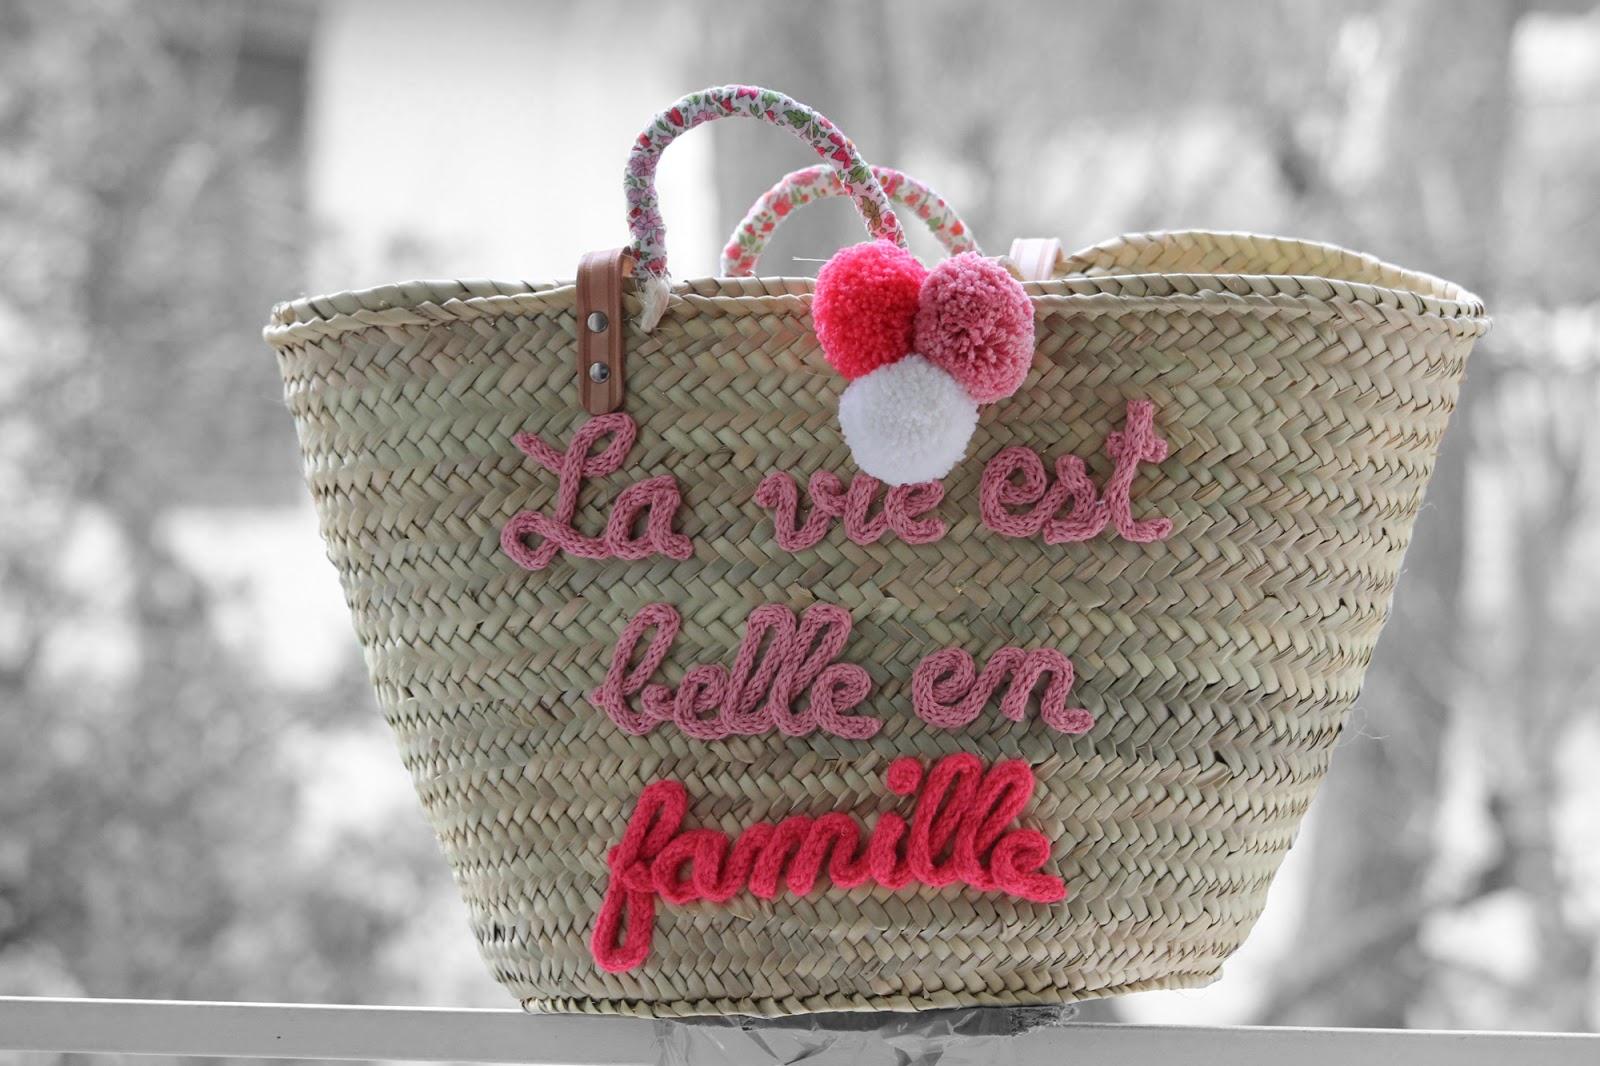 Exceptionnel L'atelier Des Petites Bauloises: Panier La vie est belle PG74